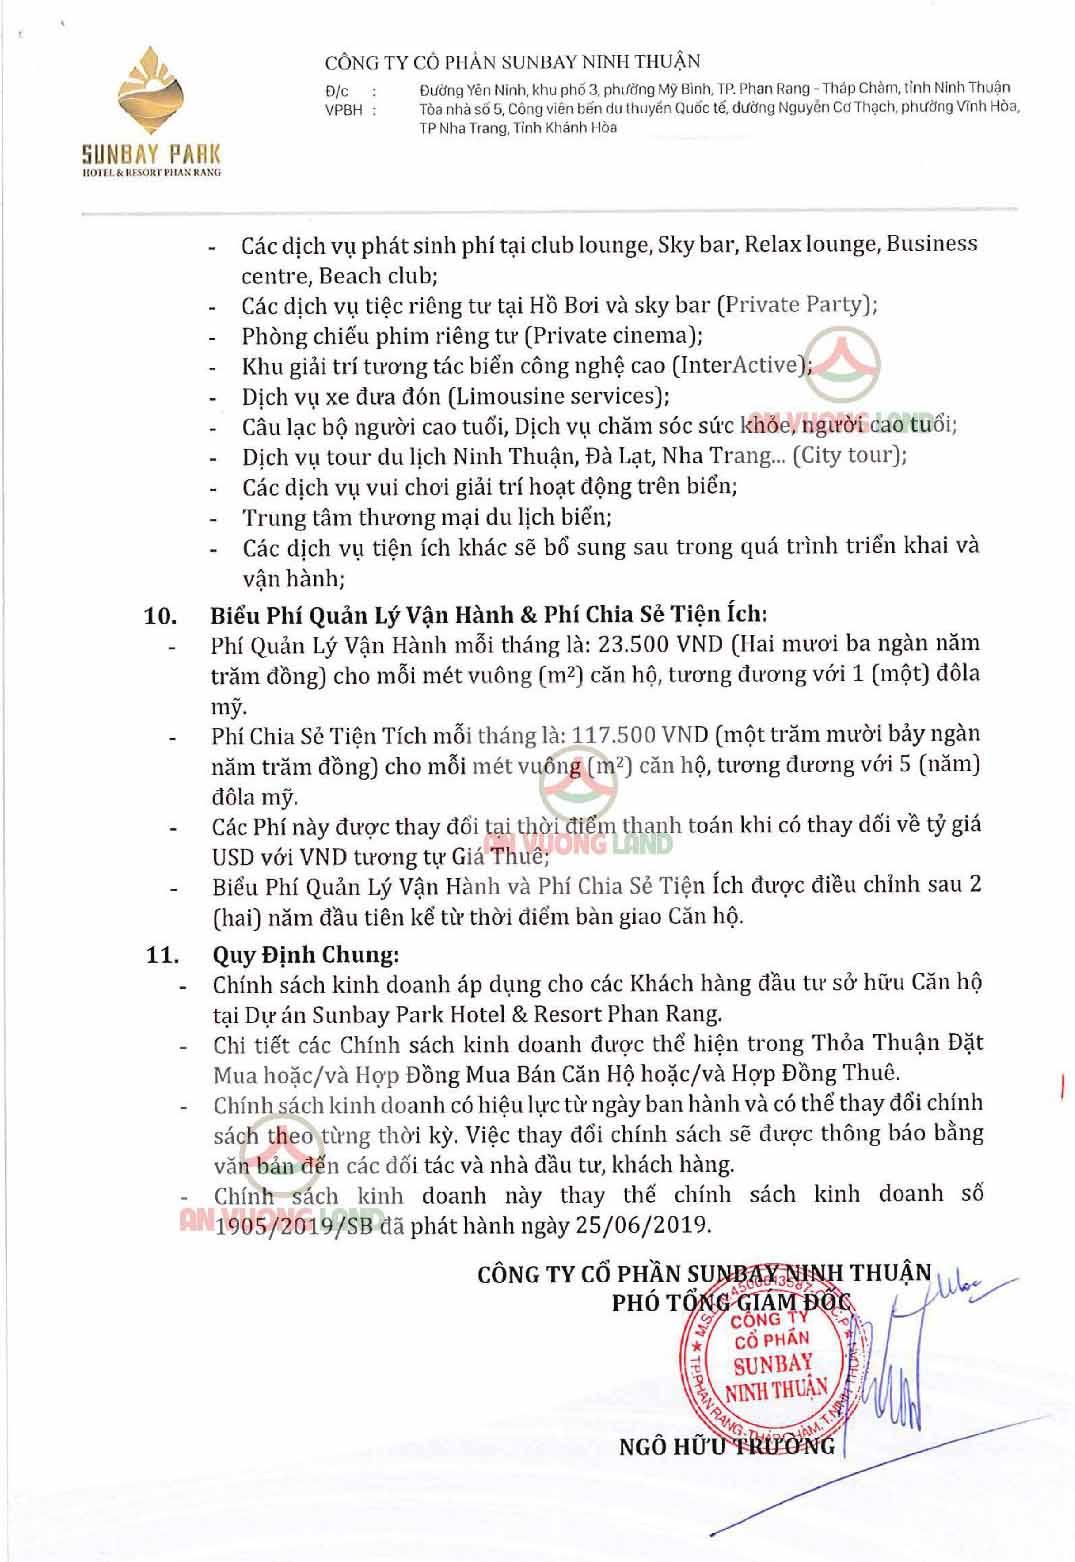 Chính sách bán hàng Sunbay Park Phan Rang Ninh Thuận (9)